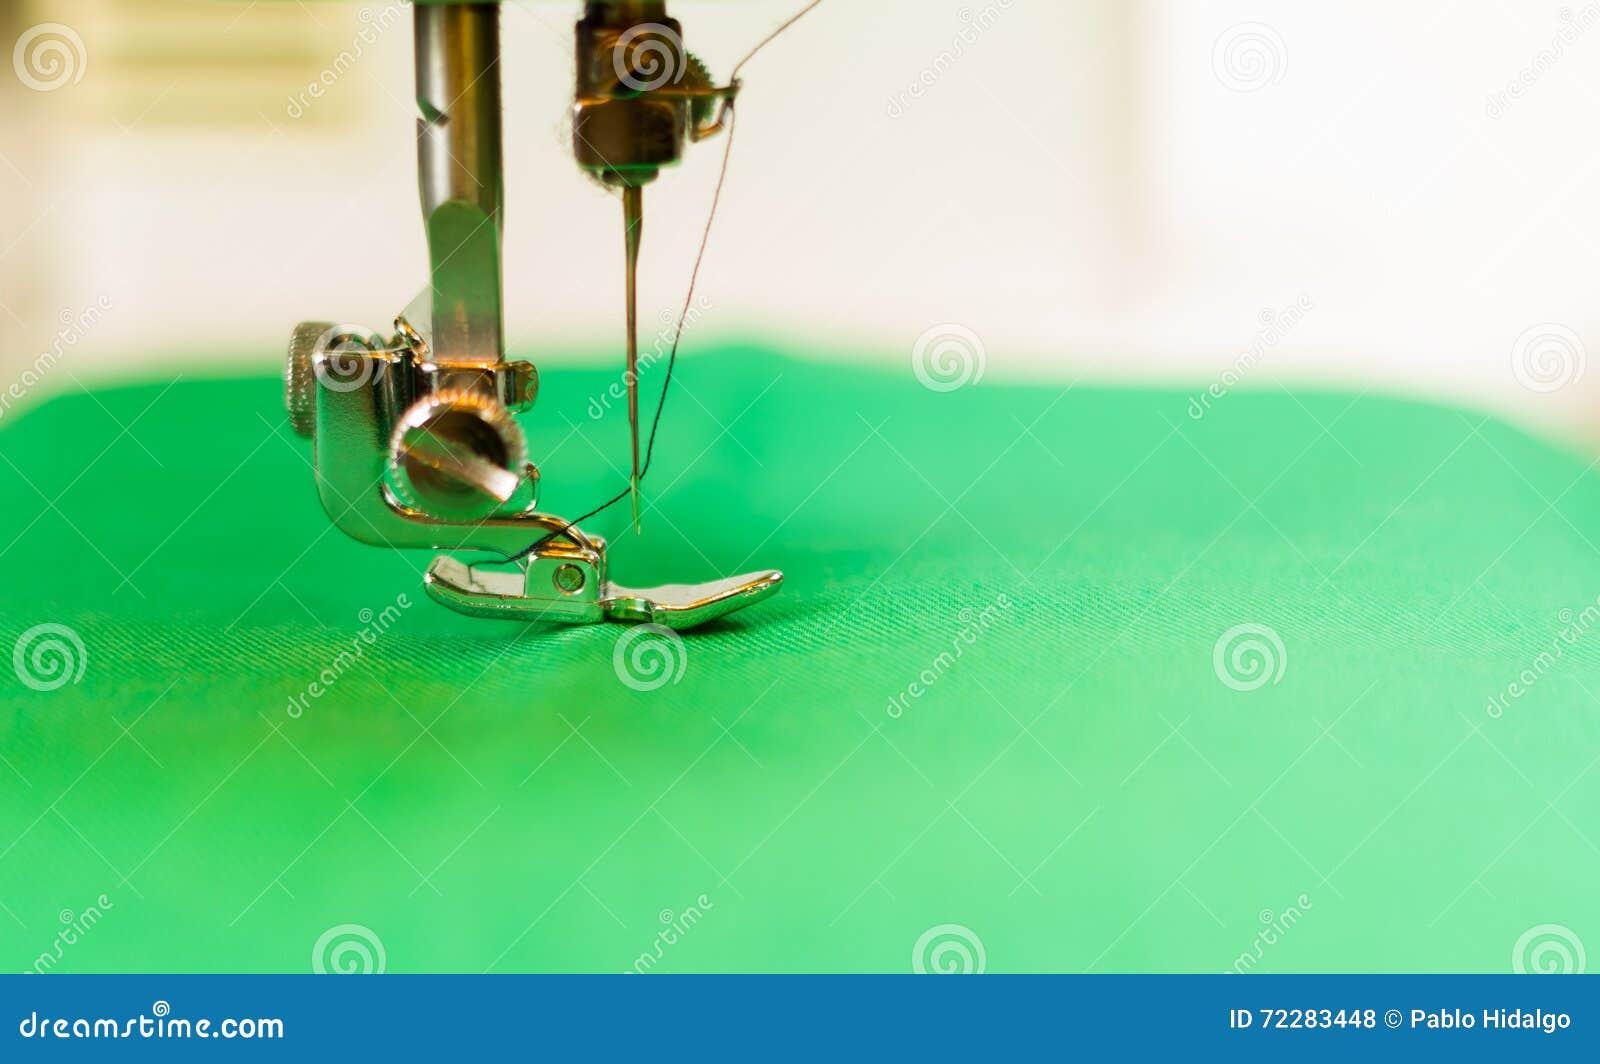 Download Закройте вверх Needdle в швейной машине, потока на этом Fabric Green Стоковое Фото - изображение насчитывающей конструкция, зашейте: 72283448